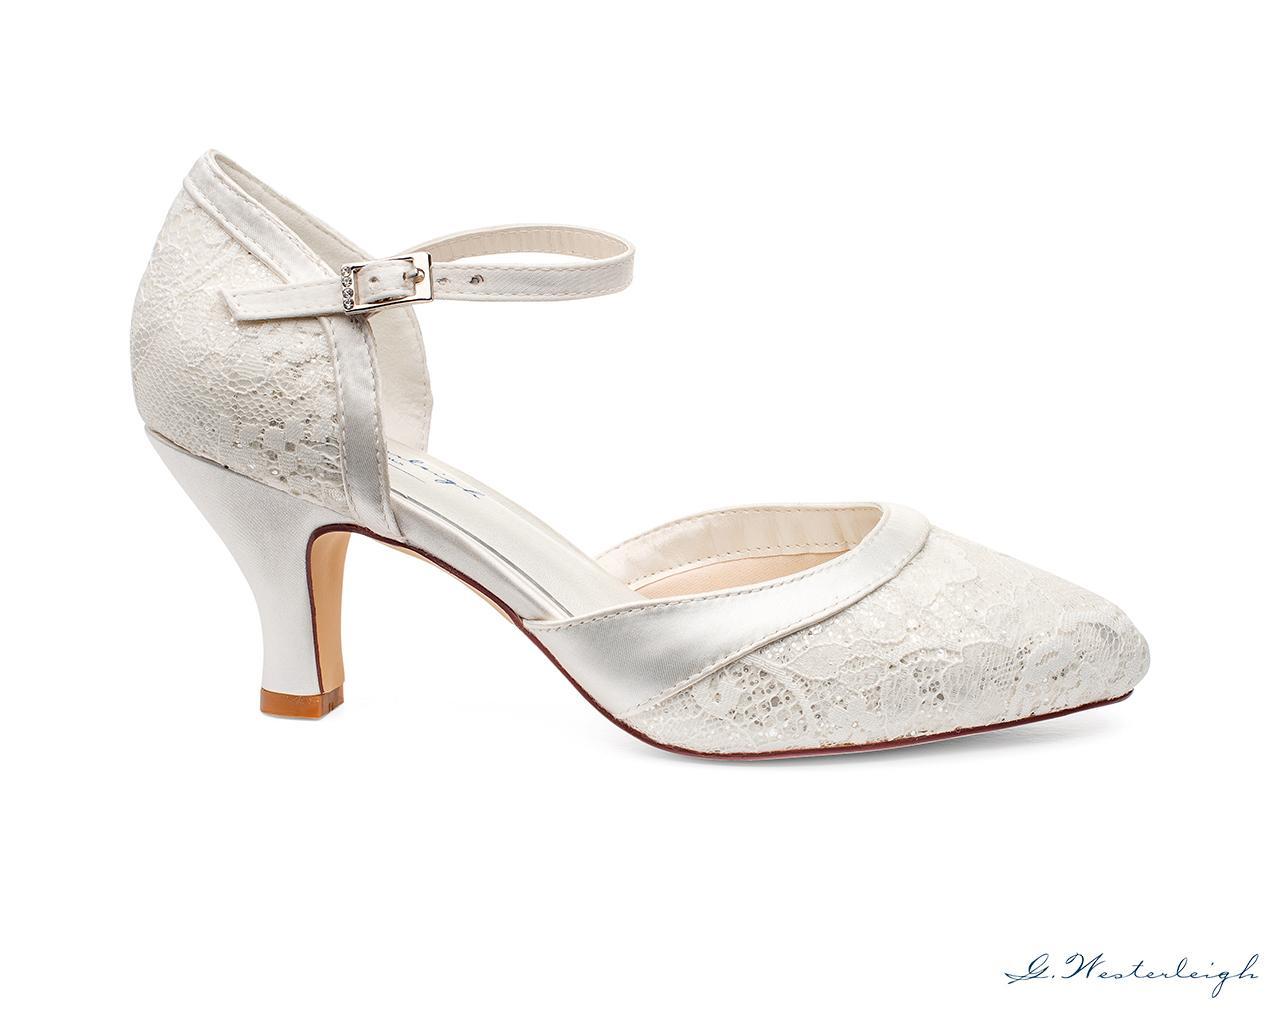 Svadobné topánky Maggie - Obrázok č. 3